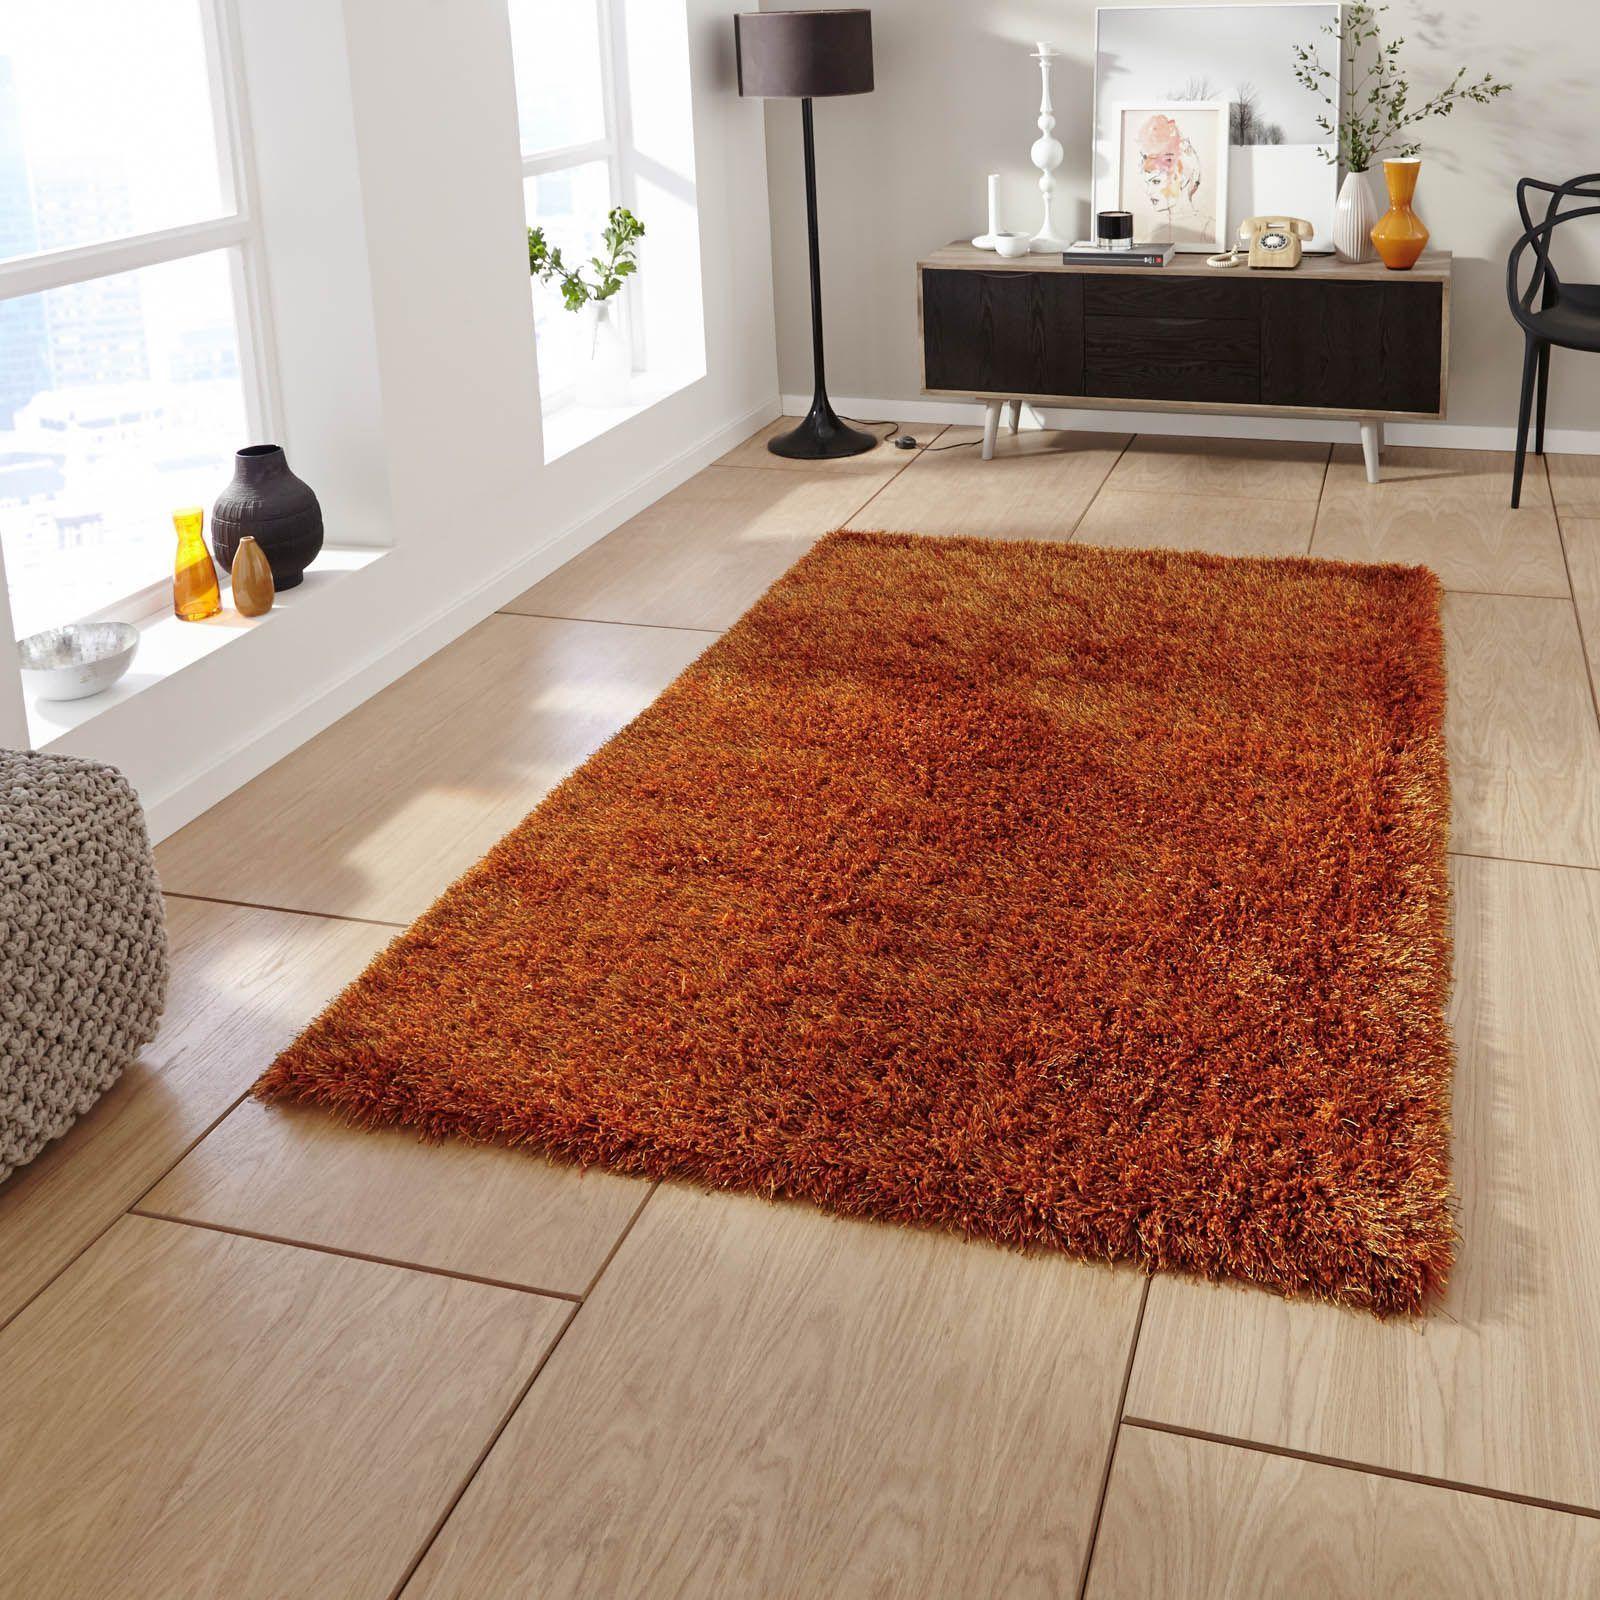 Area Rugs Ikea Area Ikea Rugs Shaggyrugslivingroombrown Area Blackshaggyrugsforlivi Living Room Decor Orange Luxury Area Rugs Rugs In Living Room Throw rugs for living room